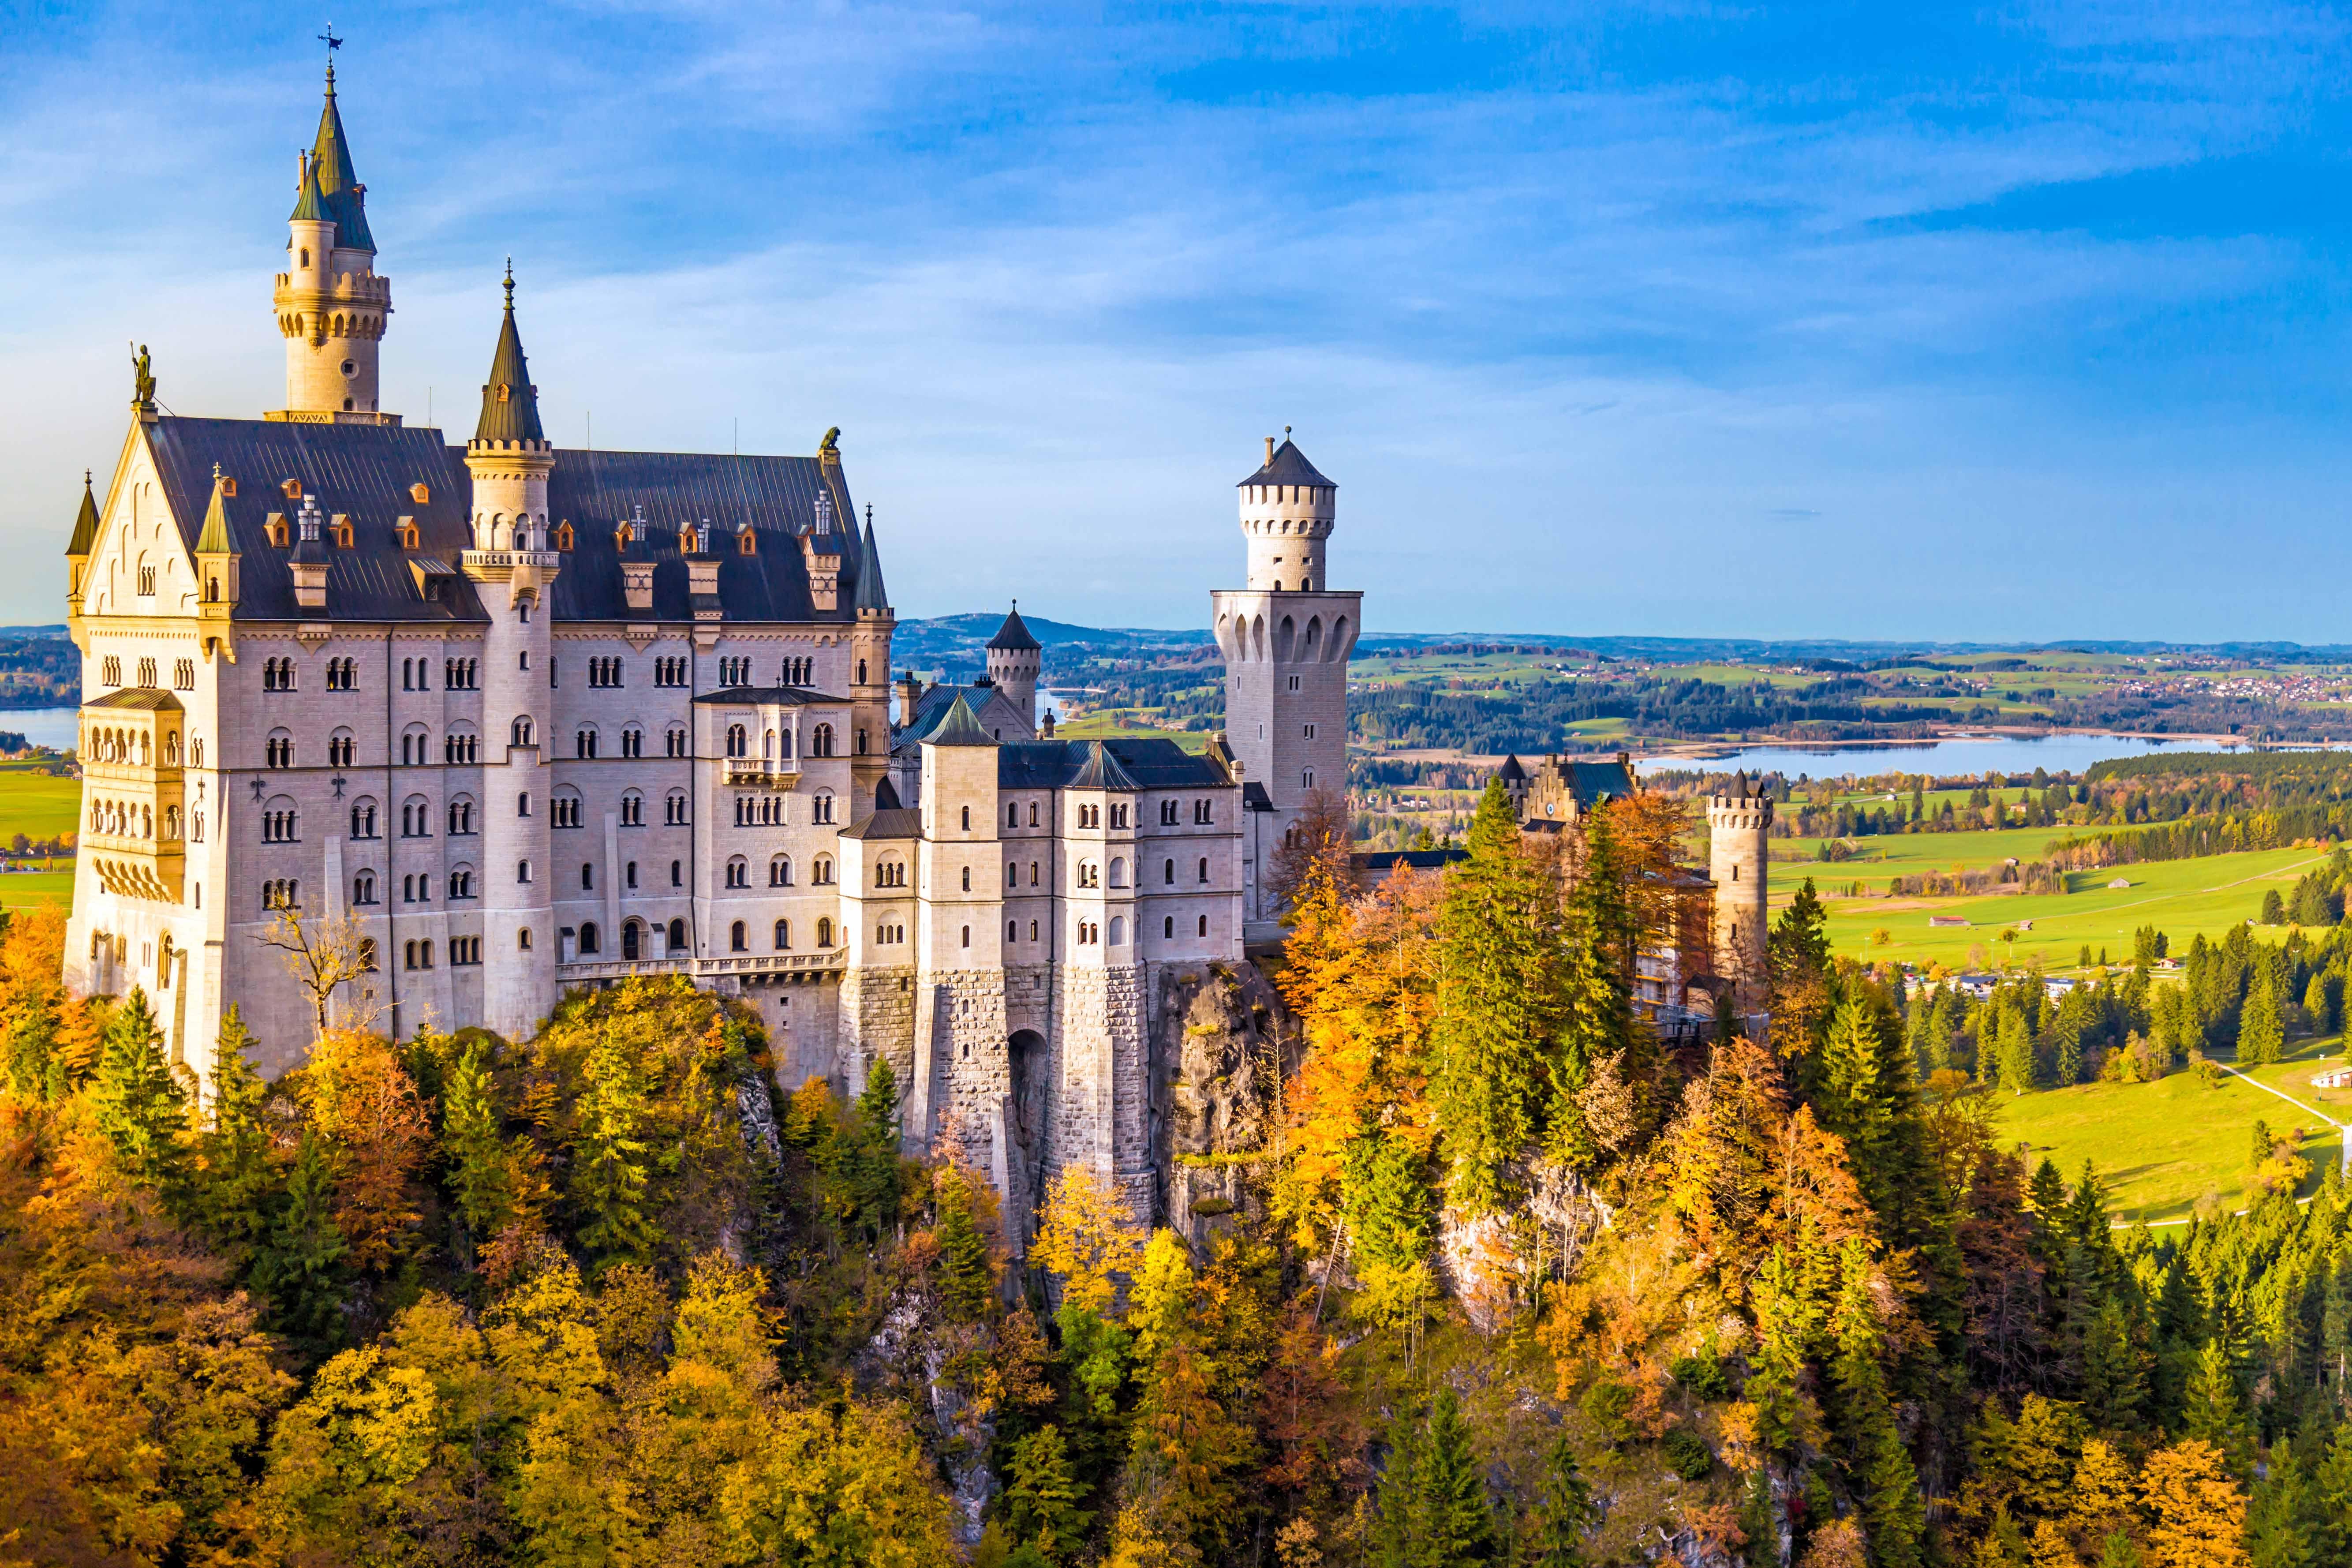 castelo-das-ruebezahl